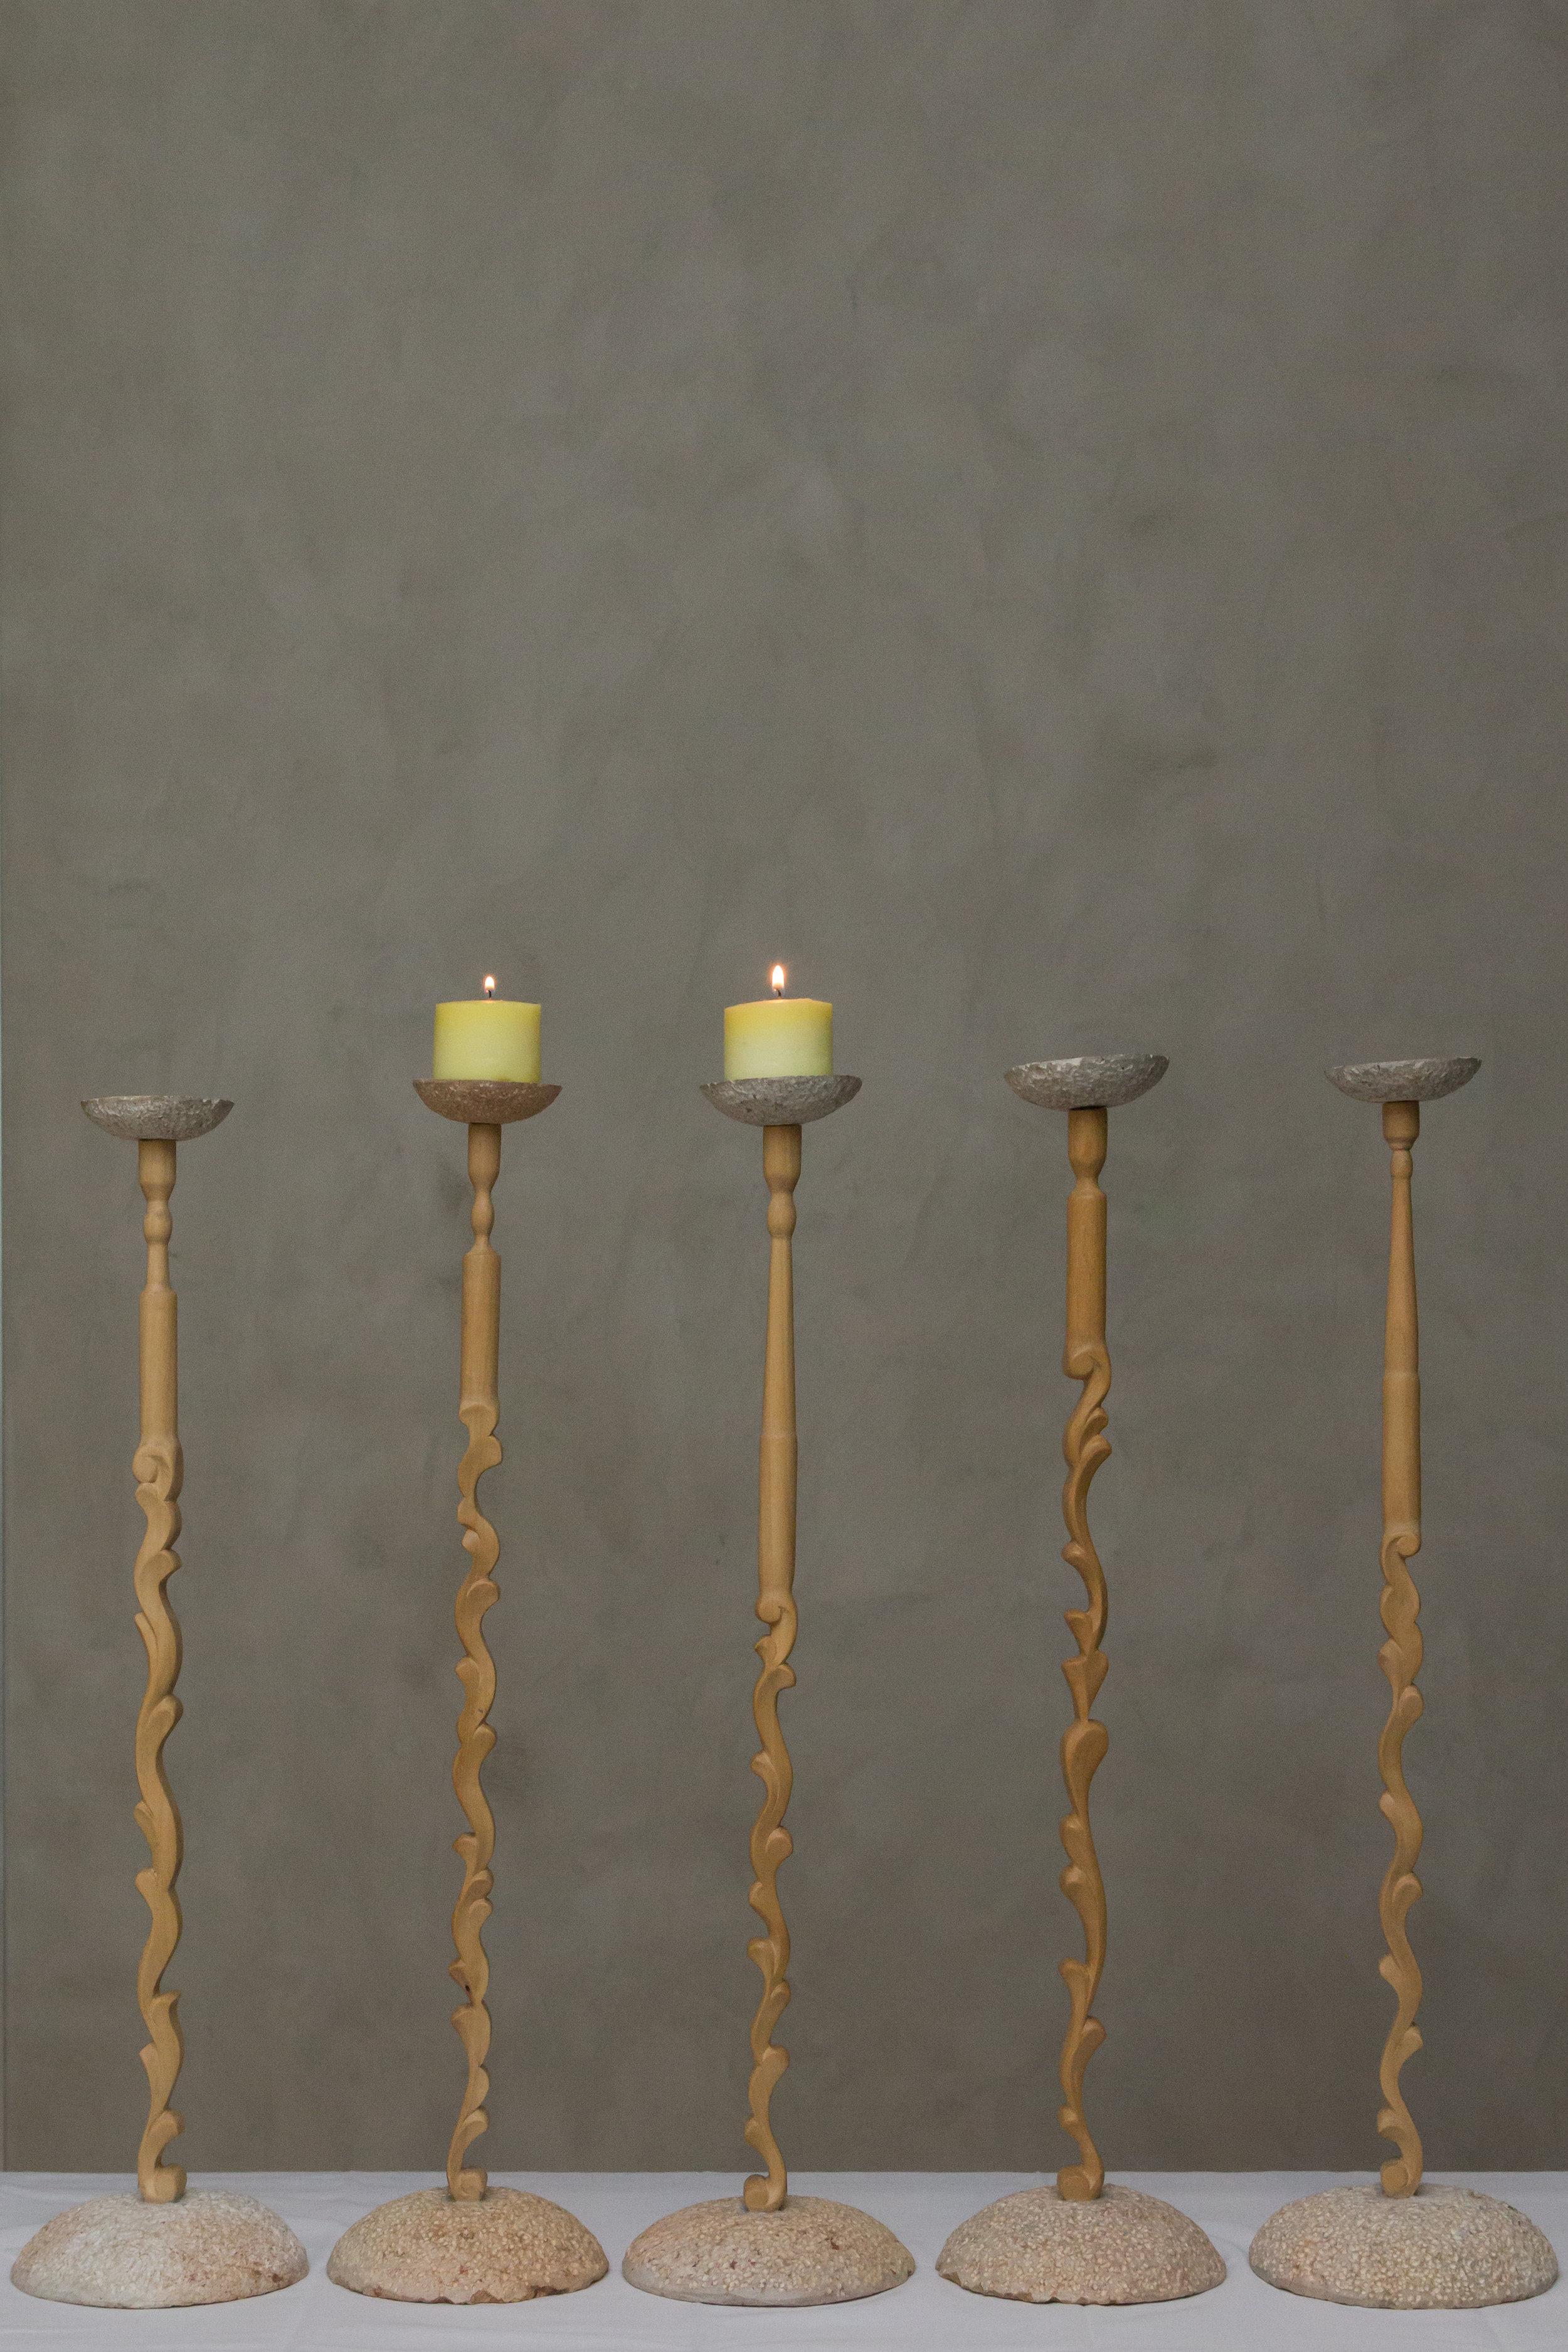 candle-holder-ivory-tower-eduardoborem-drumstick